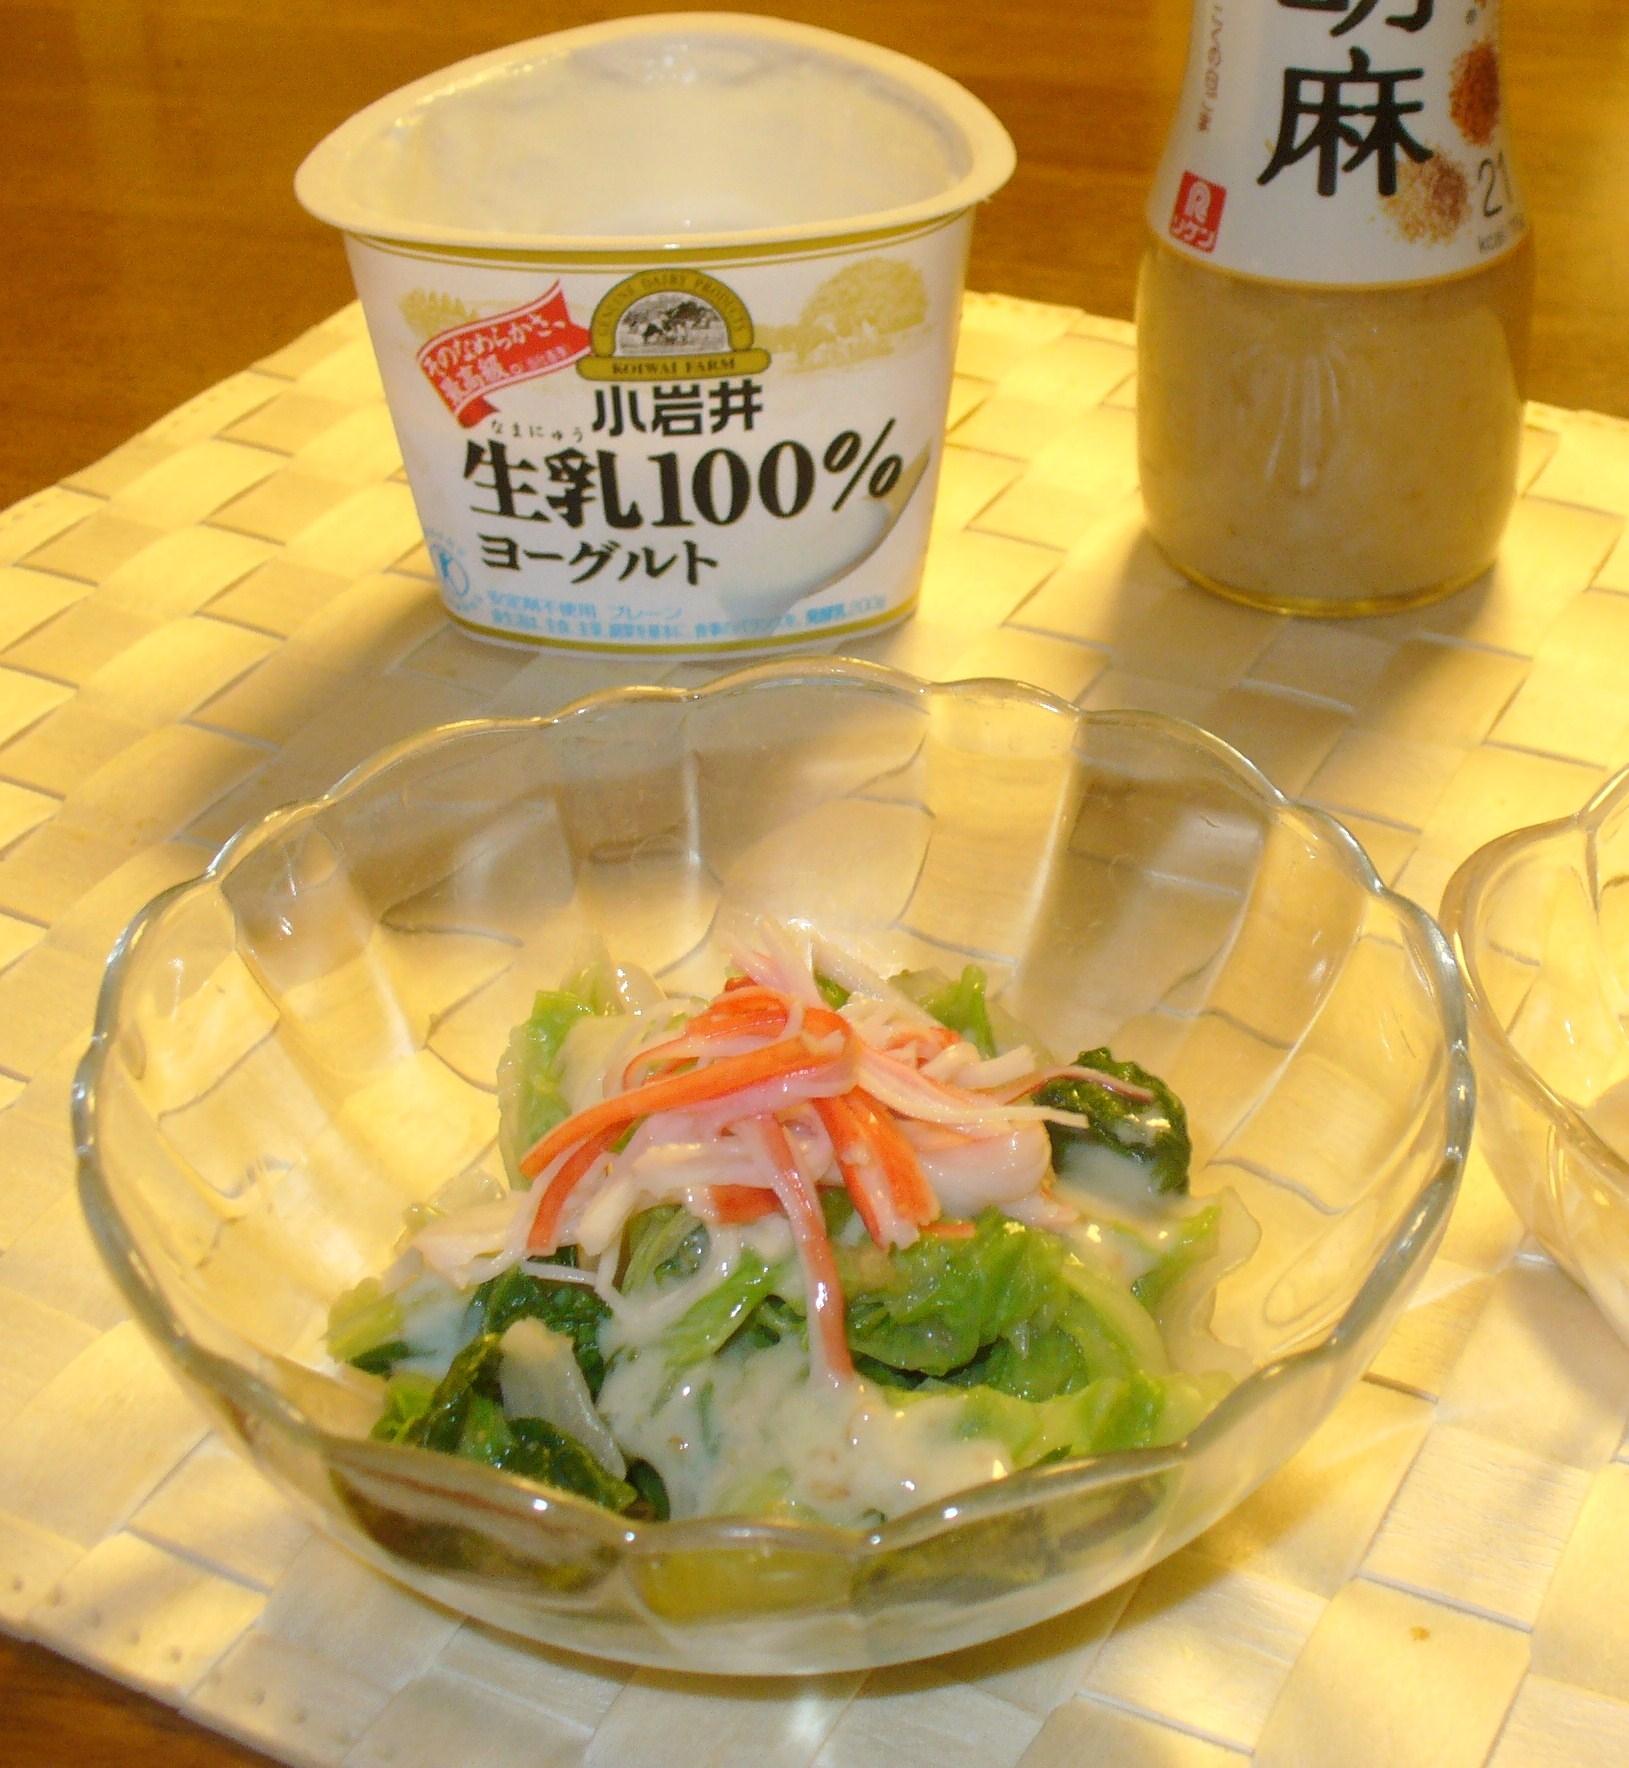 白菜のヘルシーサラダ♪ヨーグルト胡麻ドレッシング